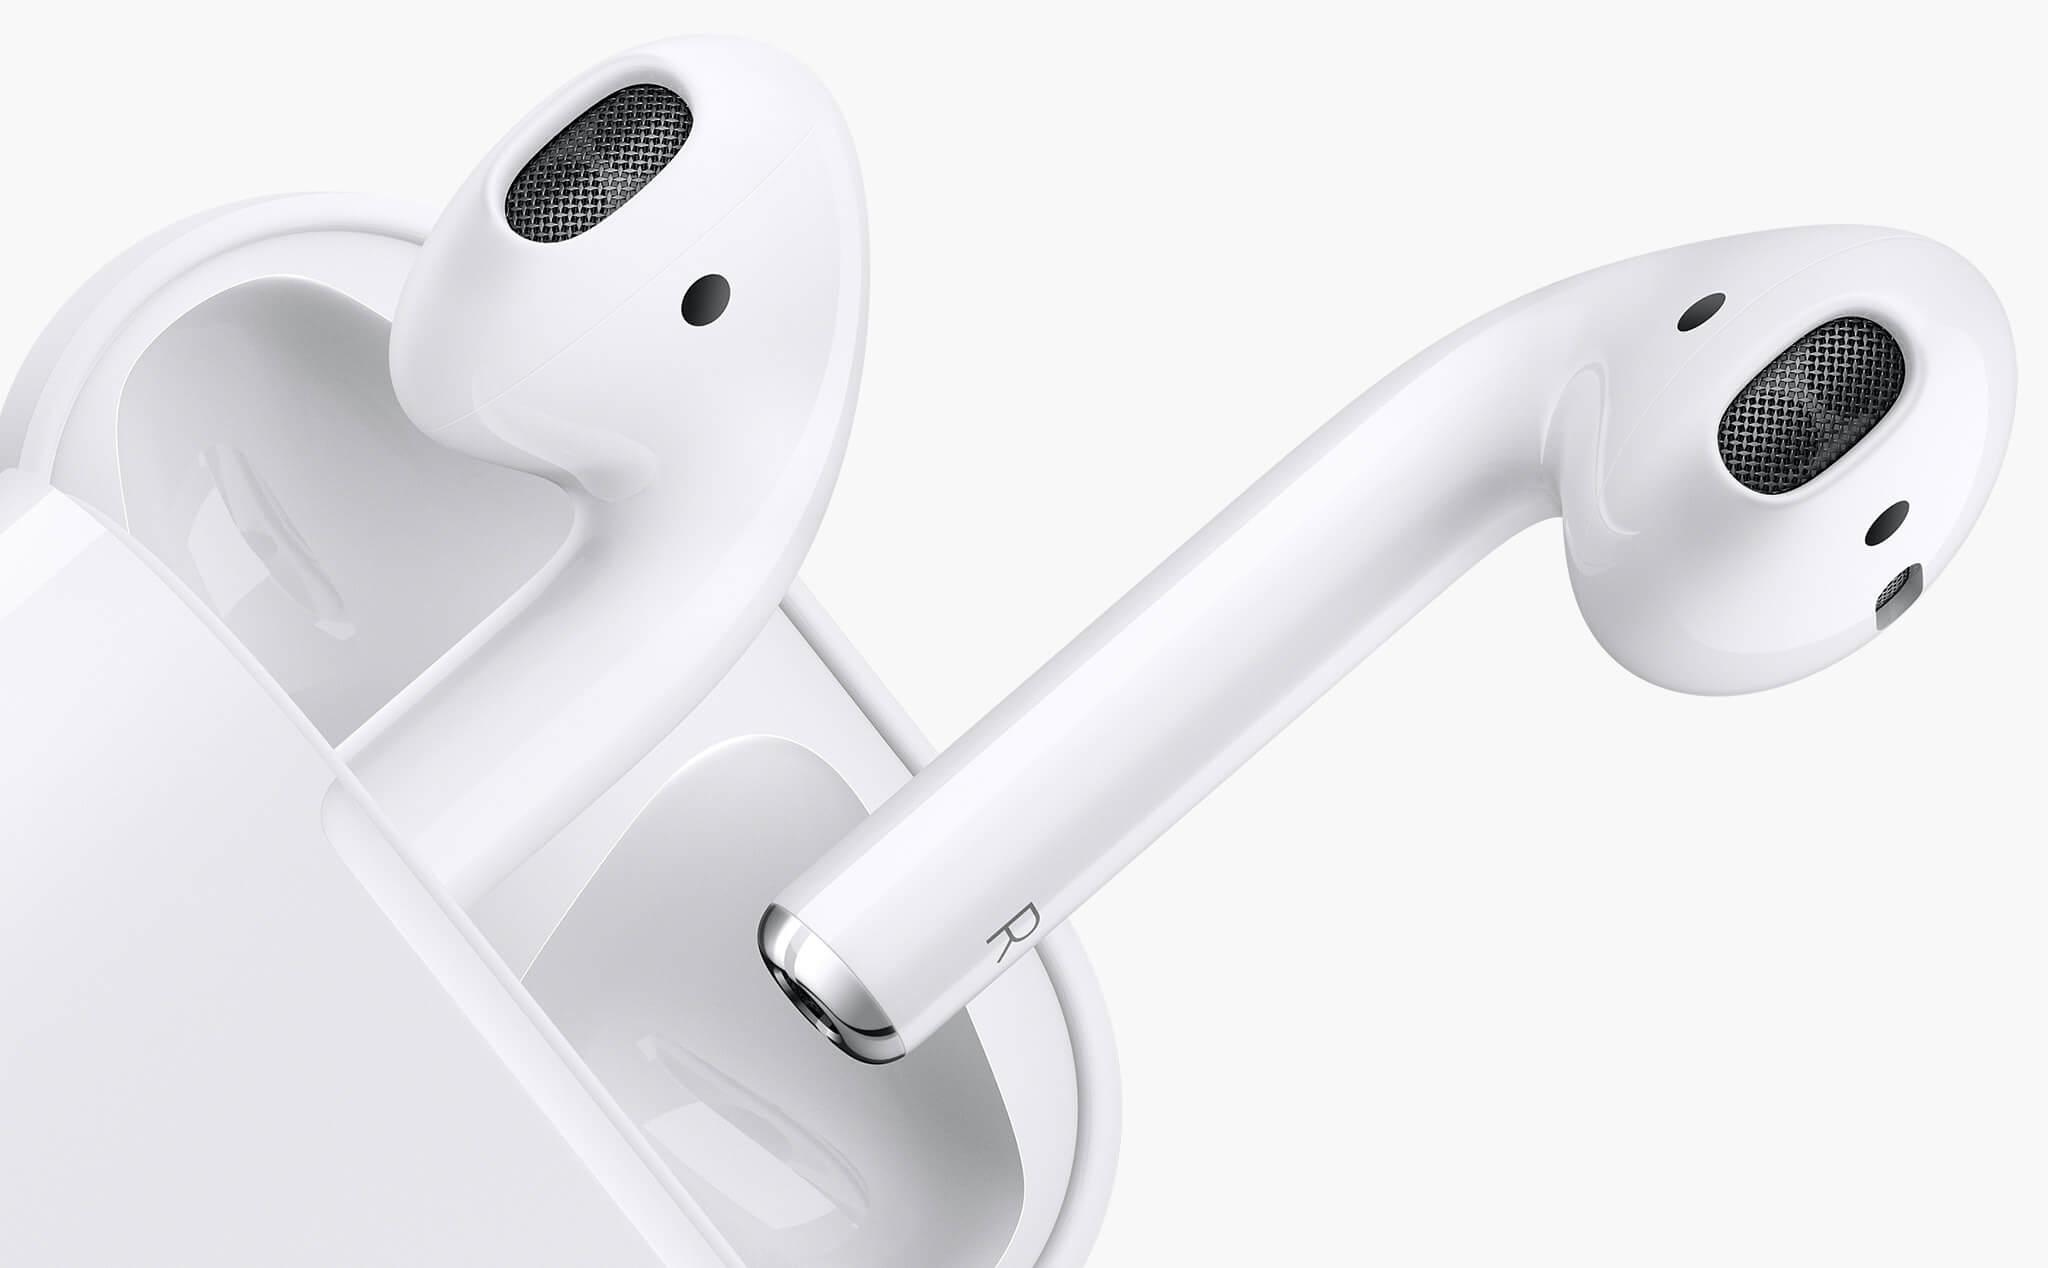 Los AirPods, audífonos inalámbricos de Apple, funcionan con radiofrecuencias. (Foto Prensa Libre: Apple).